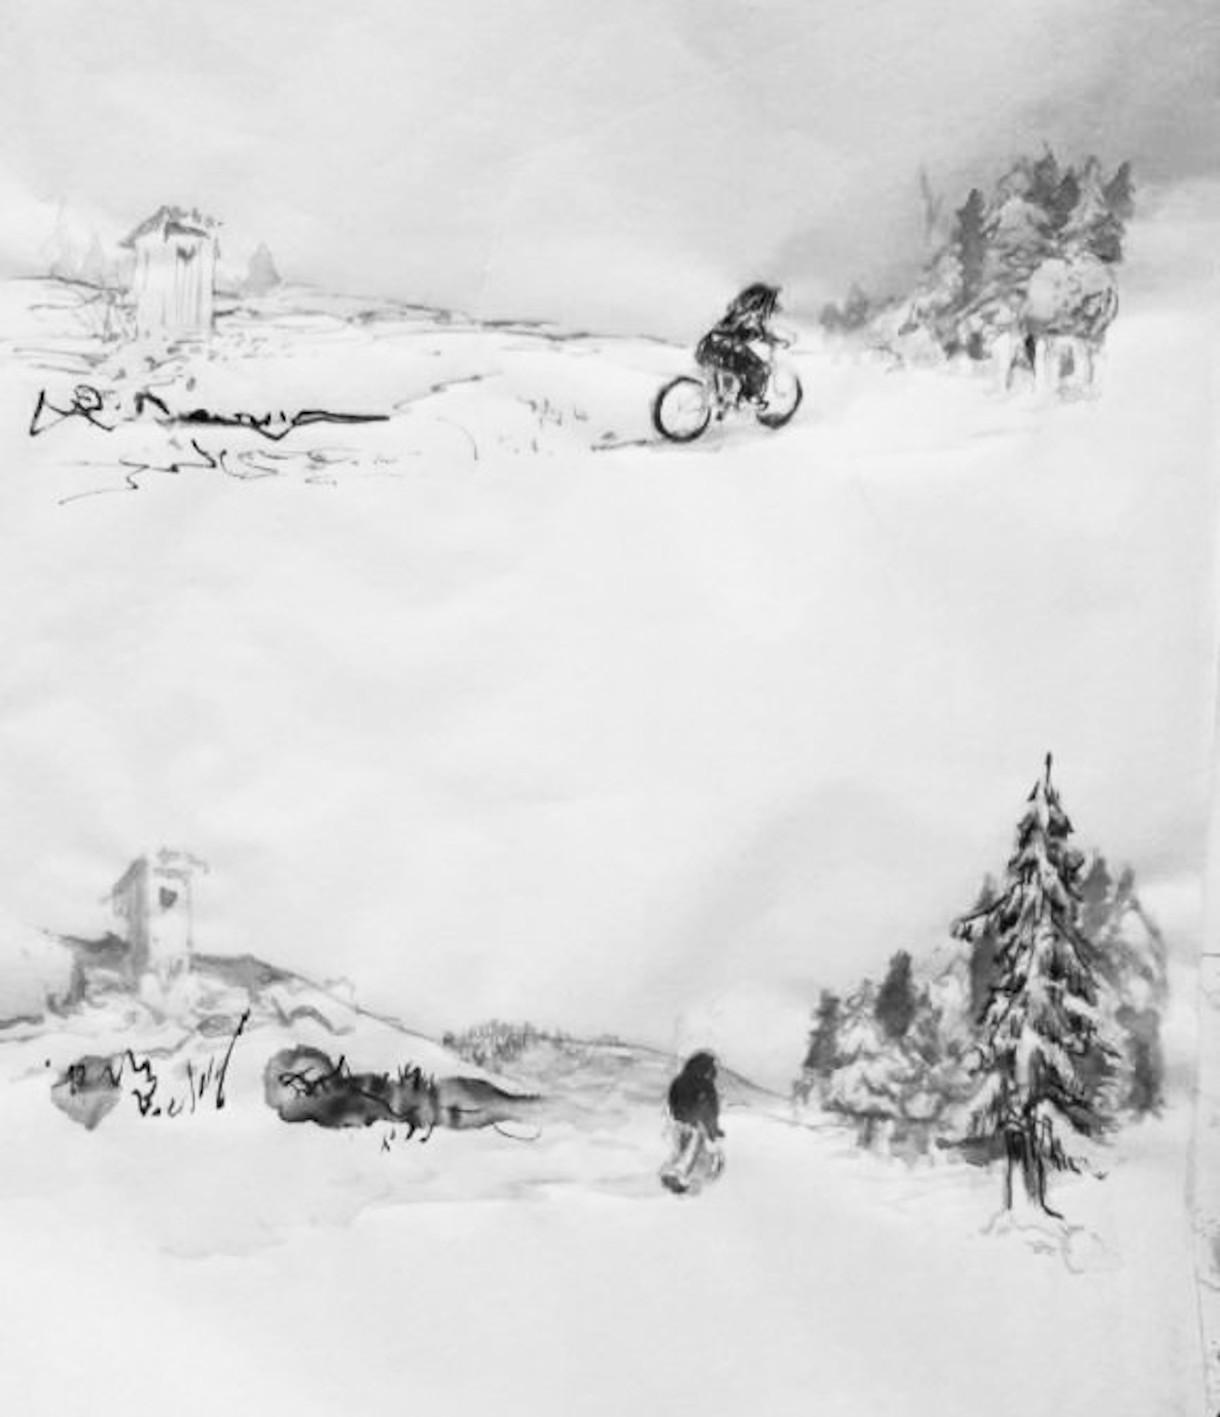 Bär auf dem Fahrrad